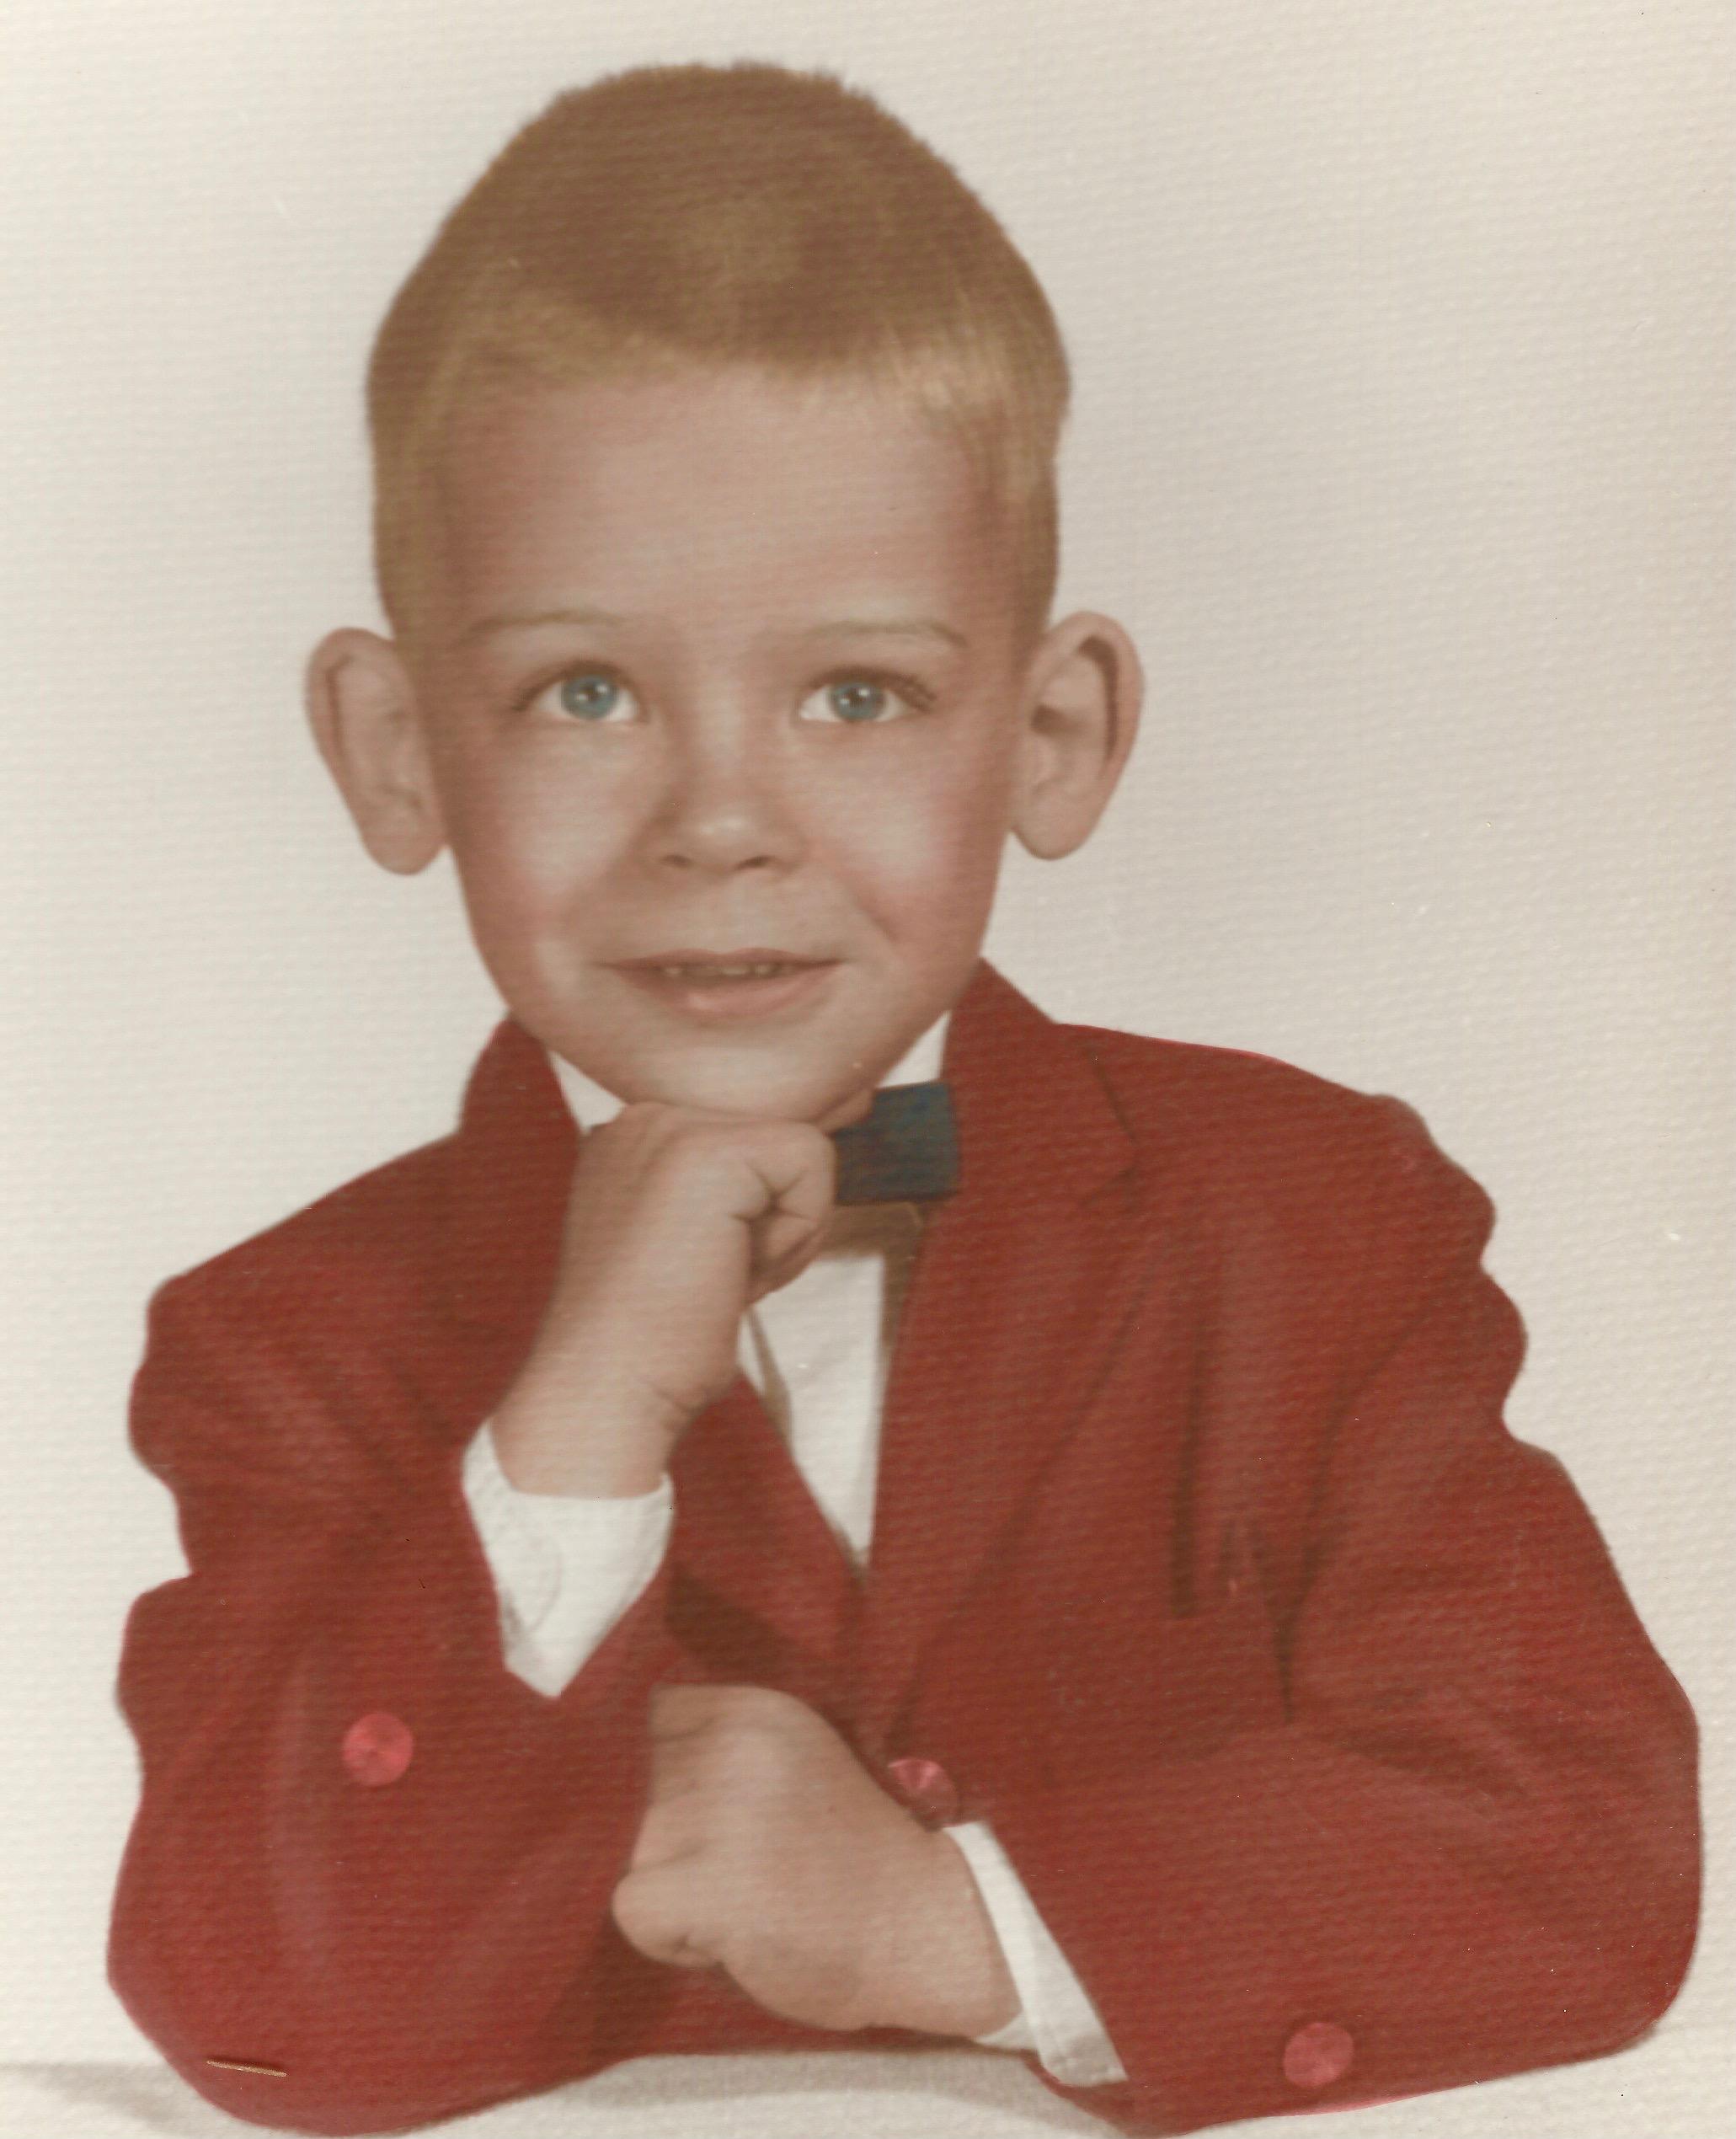 Young Rick Dallago